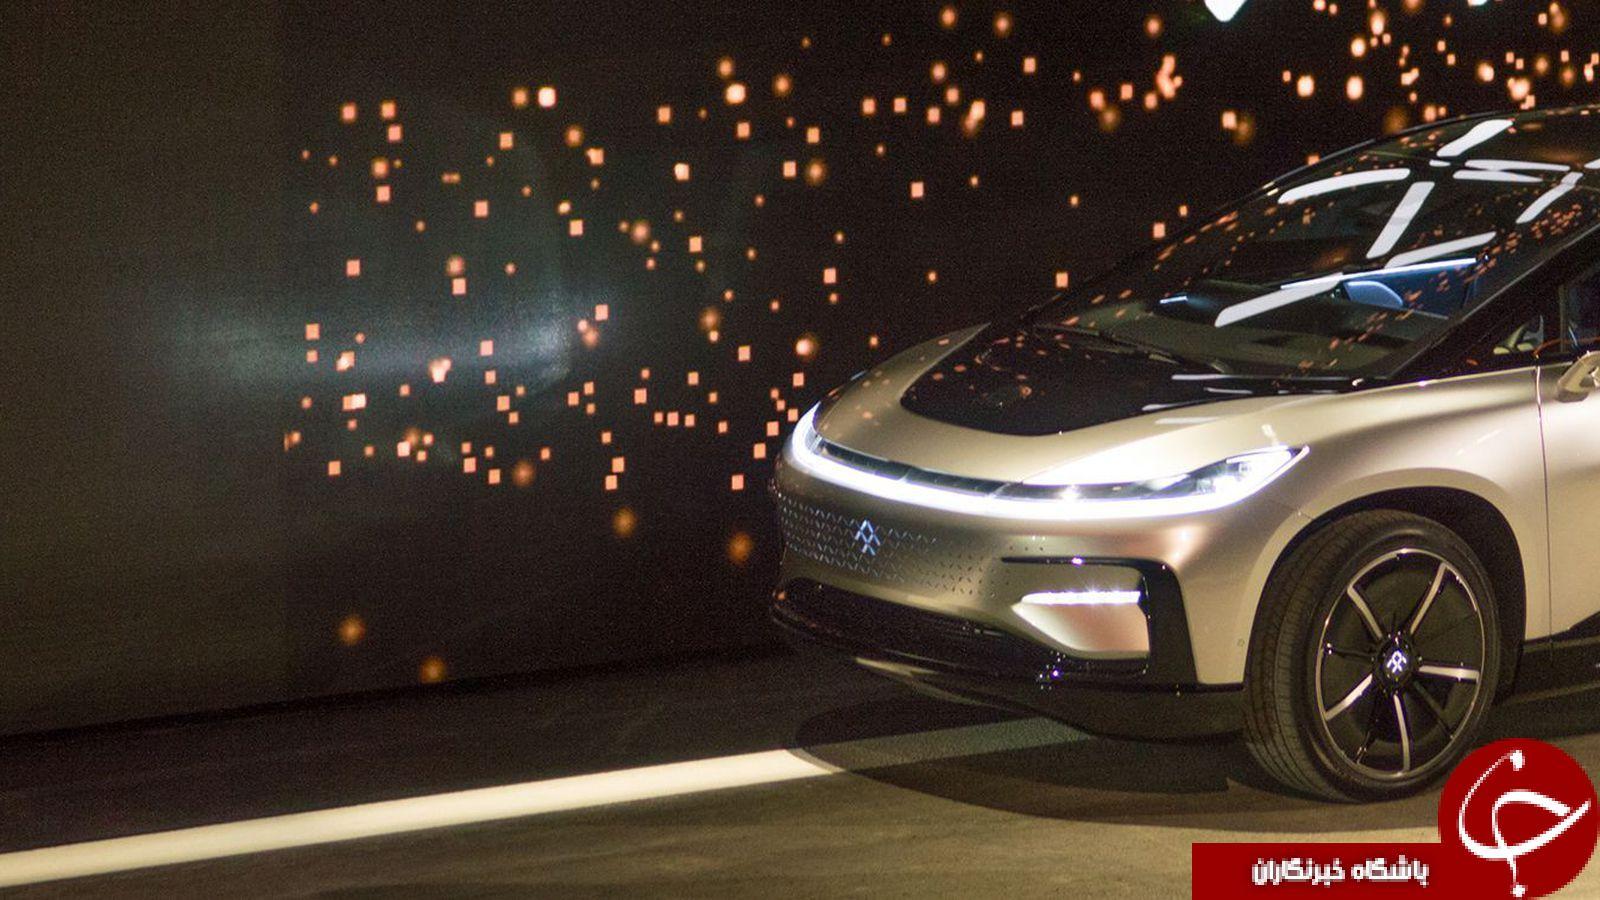 پرسرعت ترین خودروی الکتریکی جهان رونمایی شد+تصاویر